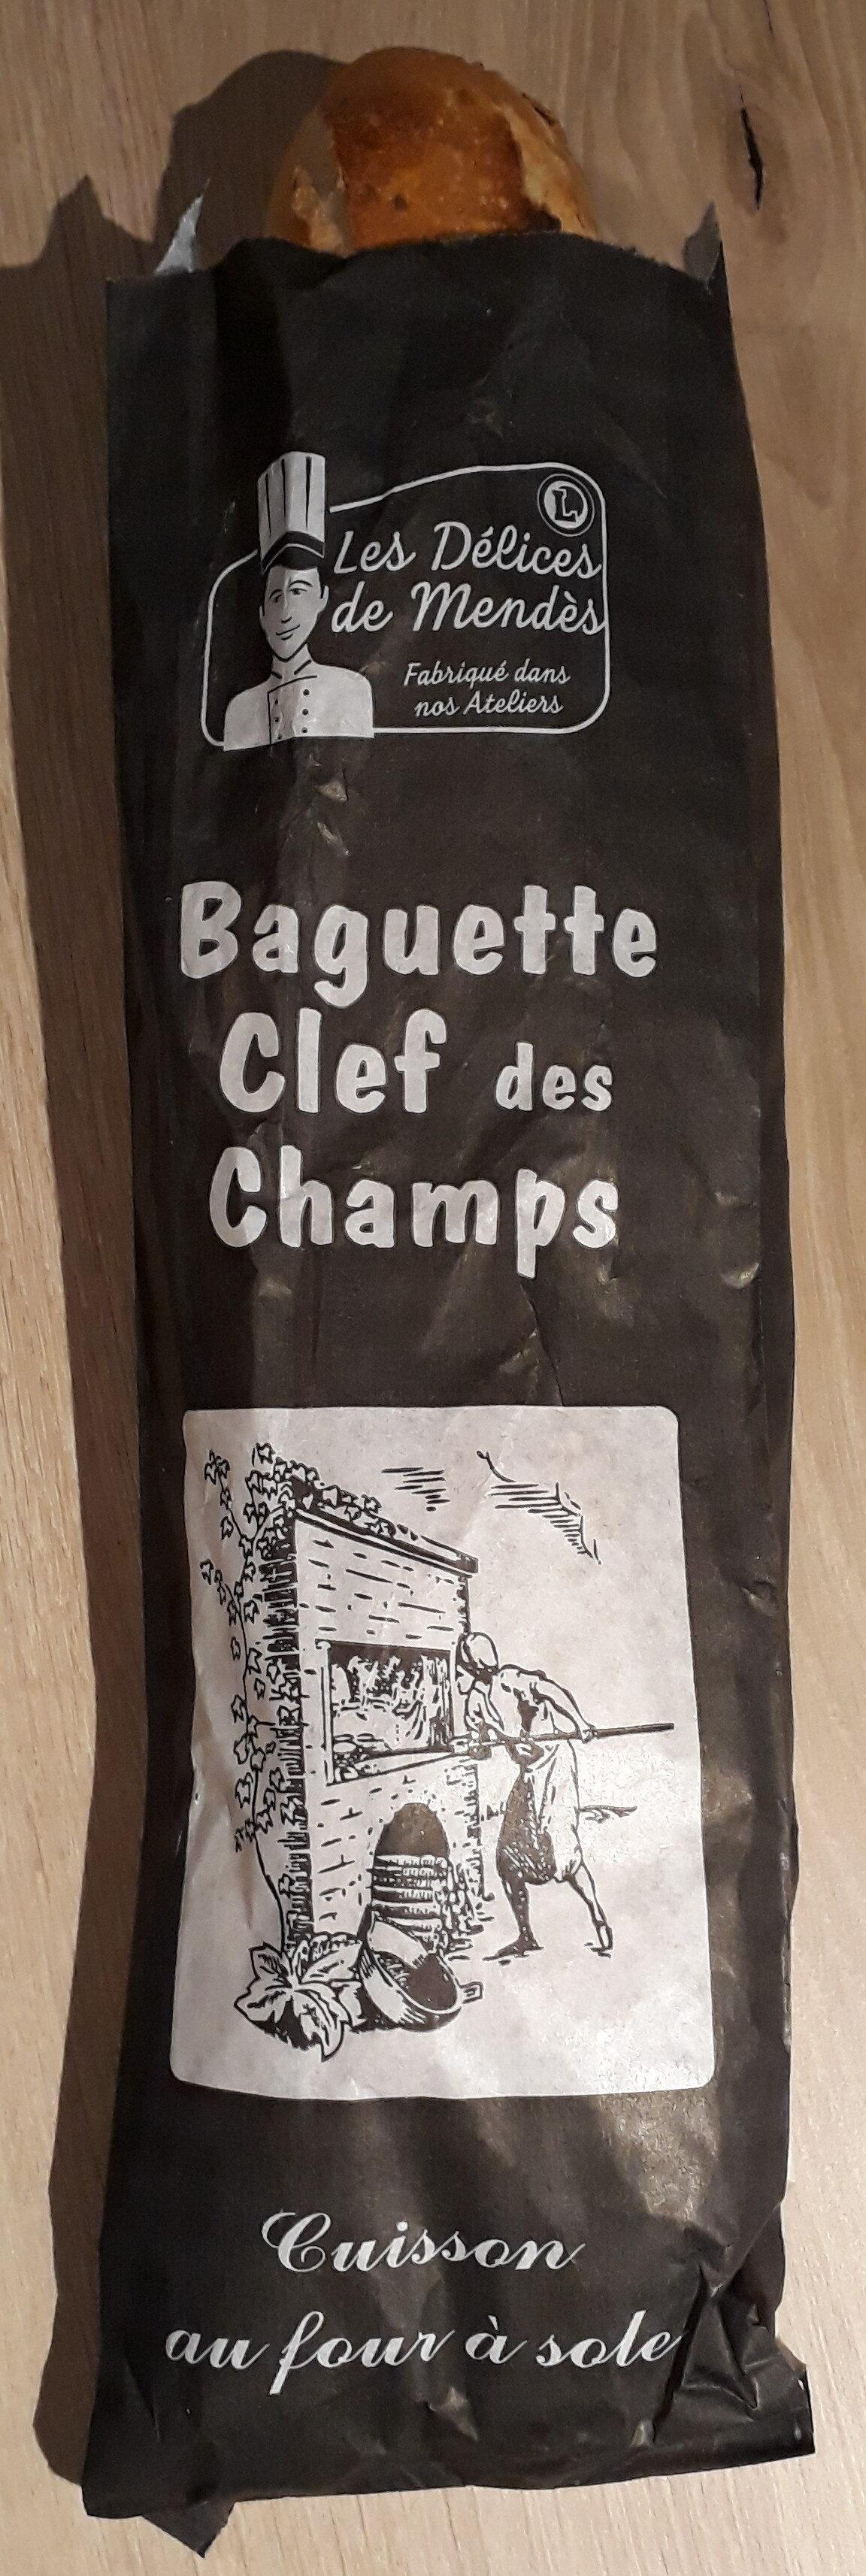 Baguette clef des champs - Produit